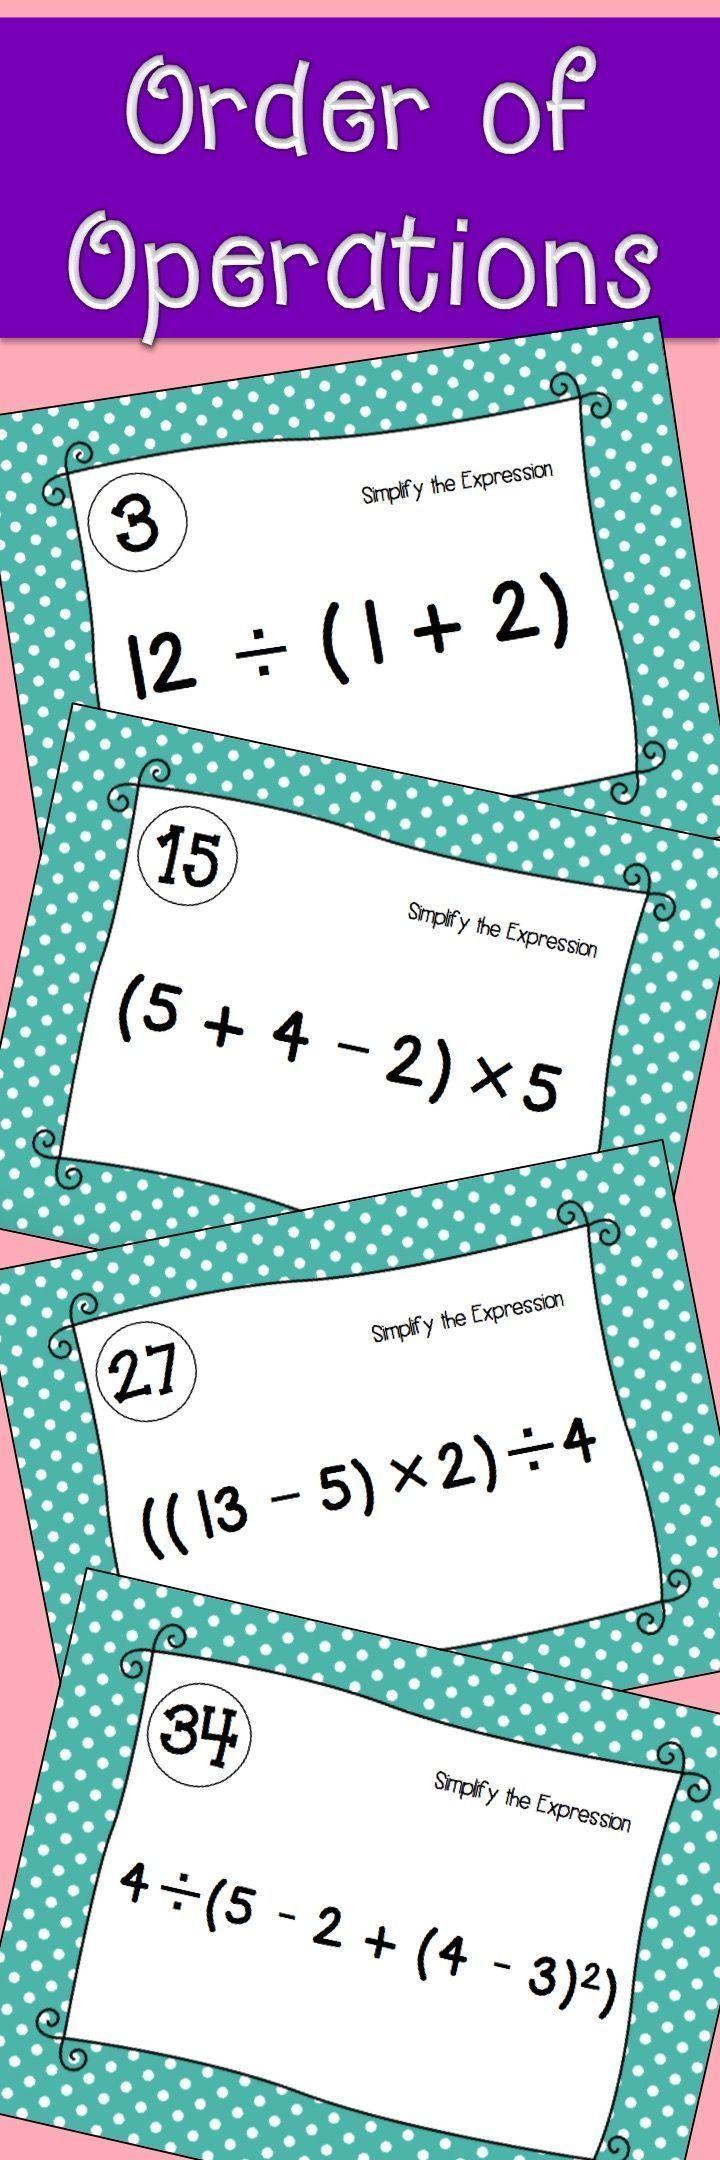 4330 best Classroom Math images on Pinterest | Math activities ...